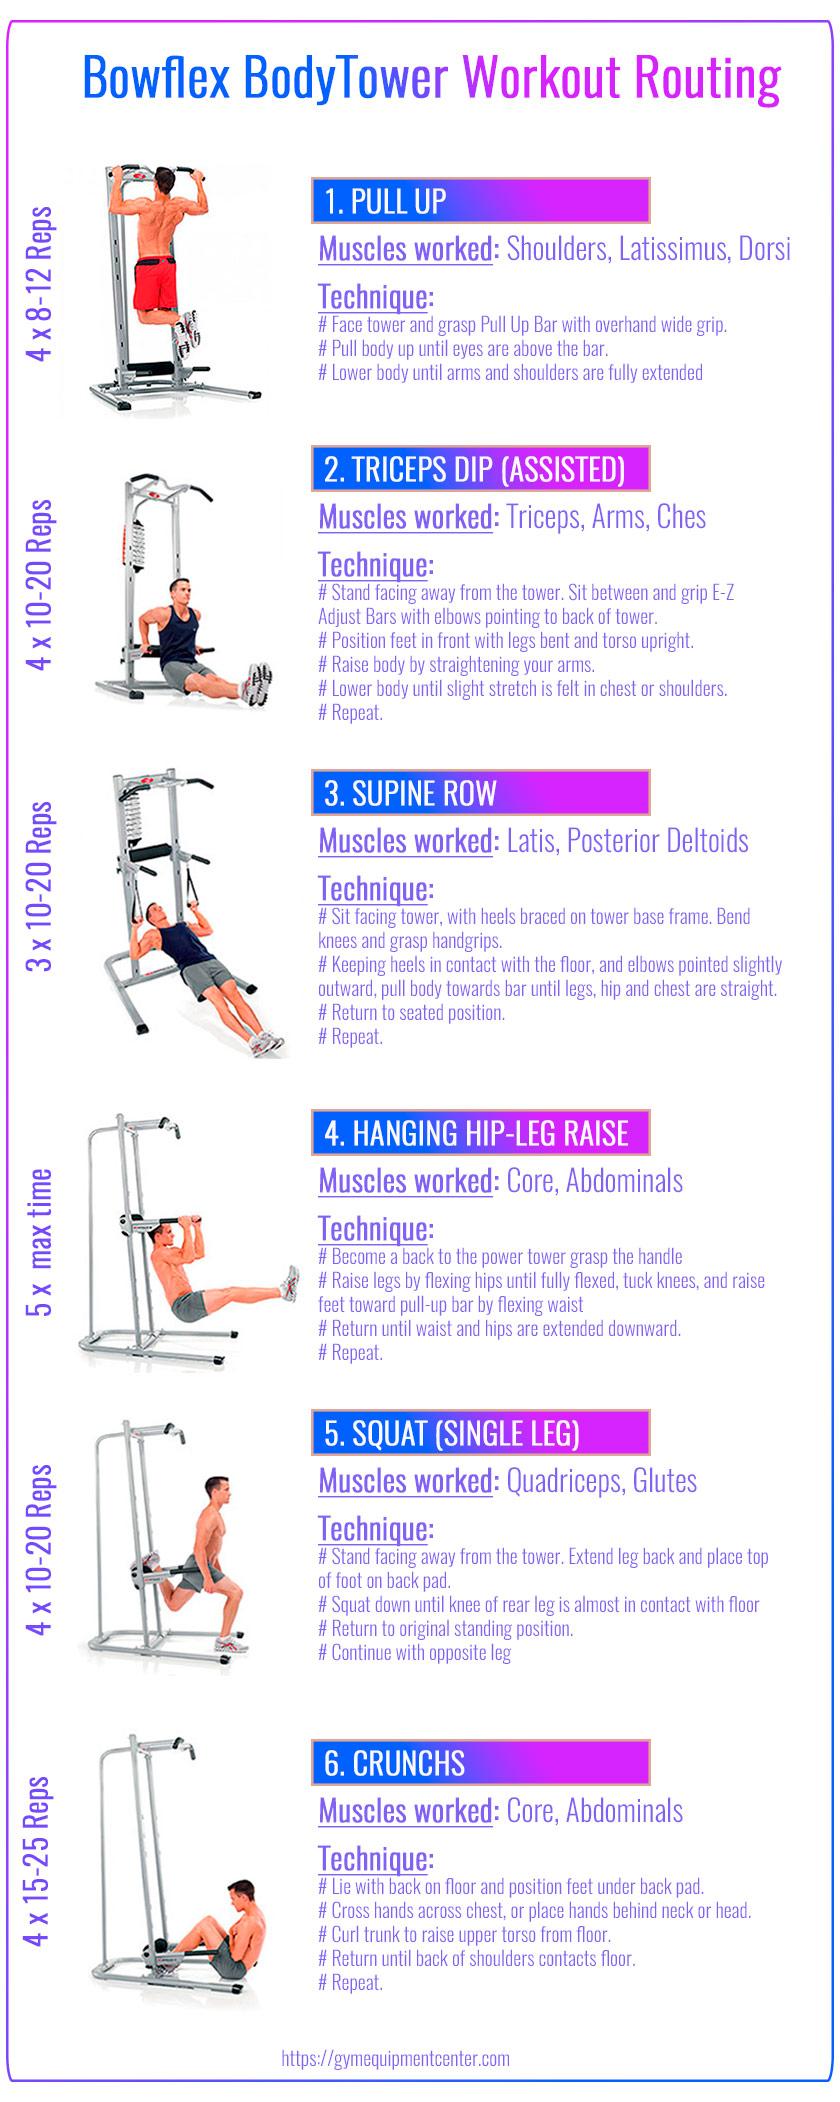 Printable Bowflex Workouts : printable, bowflex, workouts, Bowflex, Workout, Plans, WorkoutWalls